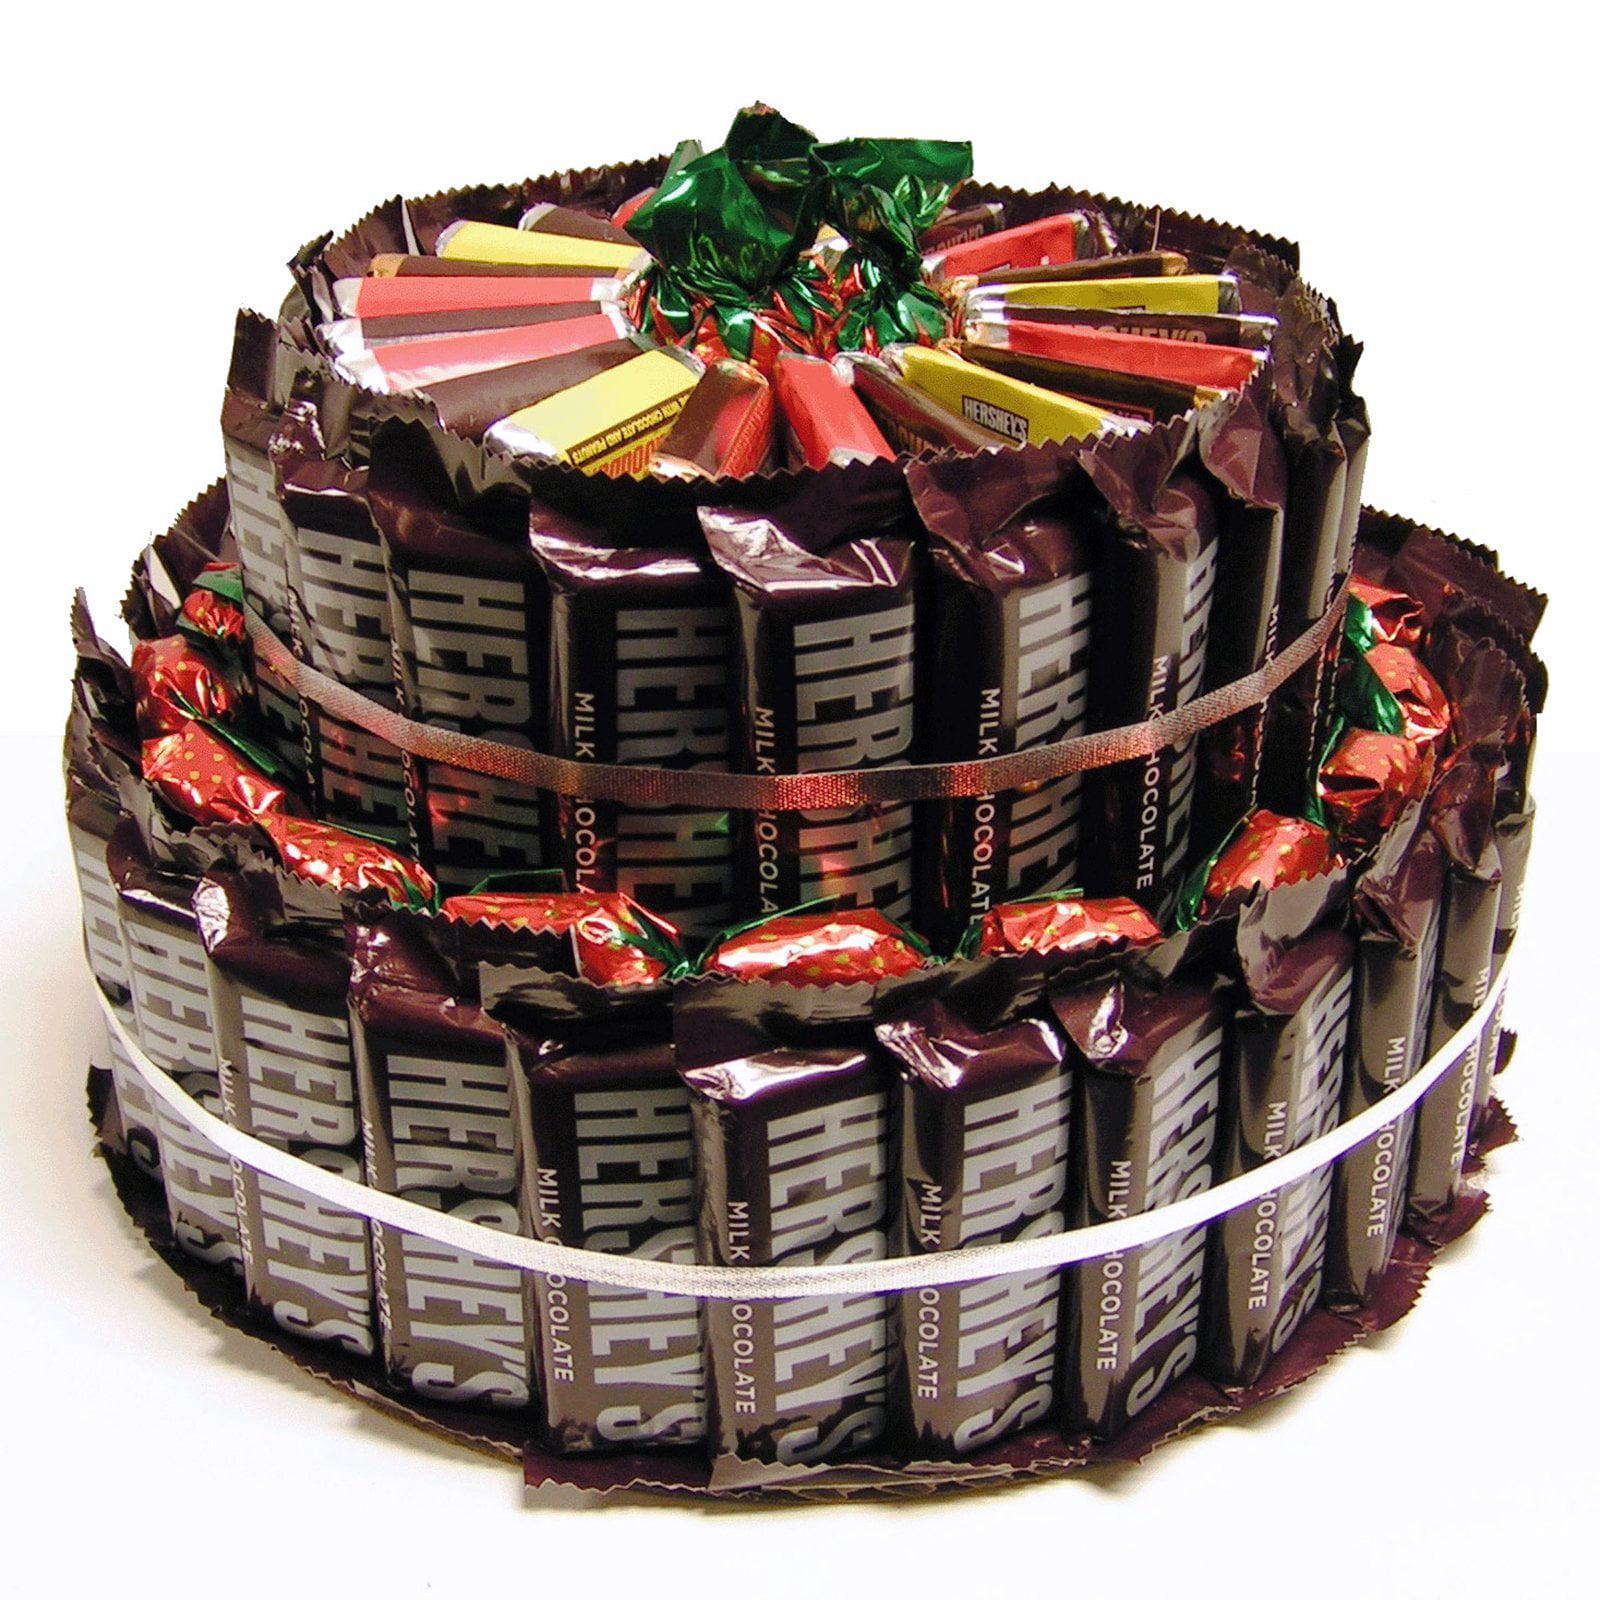 Chocolate Bar Candy Cake